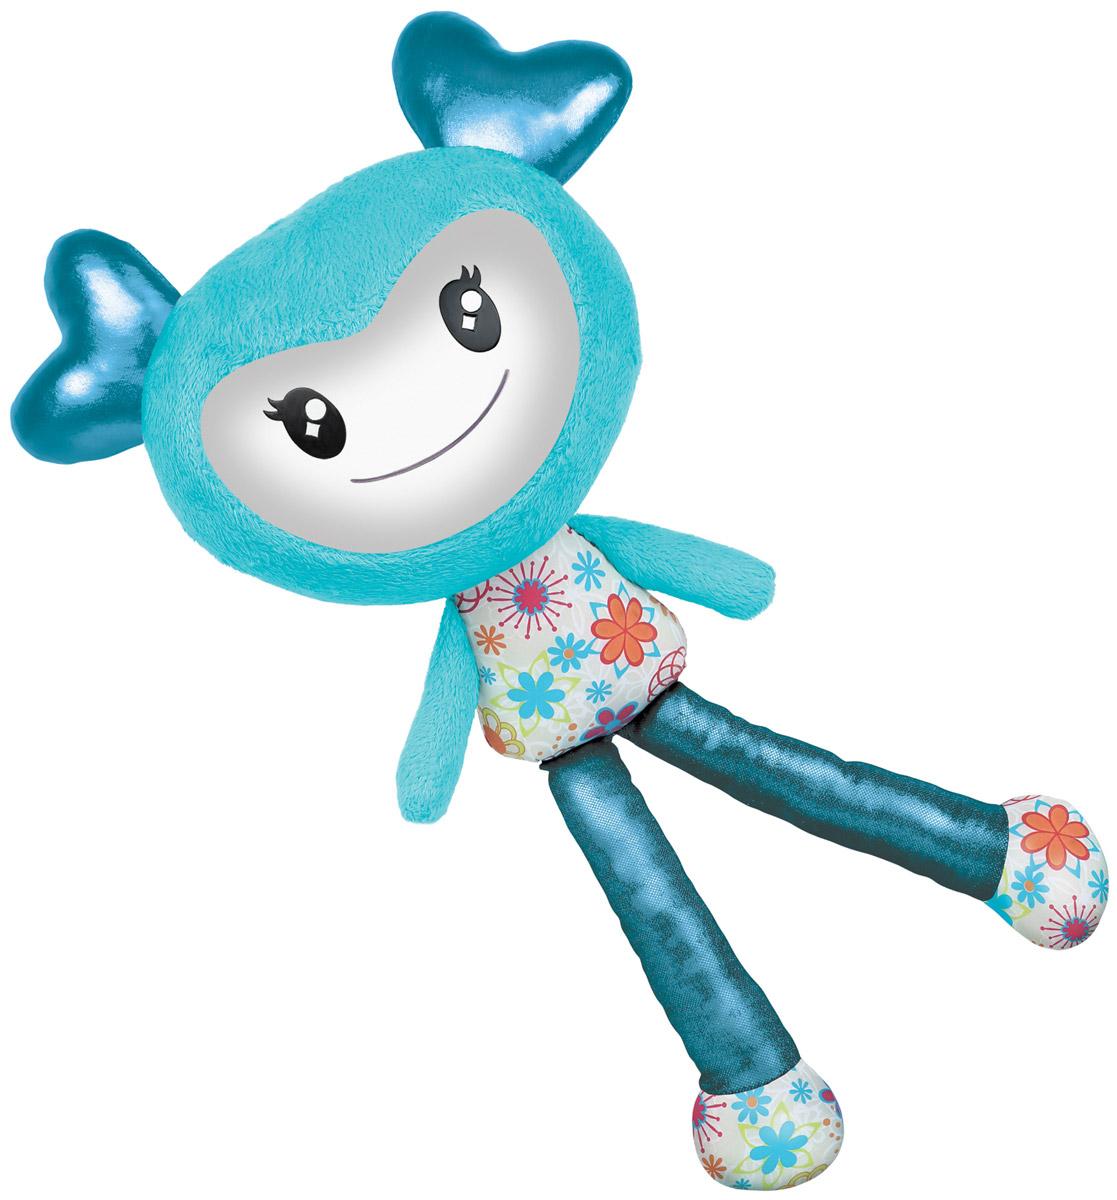 Brightlings Интерактивная игрушка цвет голубой52300_голубойИнтерактивная игрушка Brightlings создана специально для девочек, она выглядит очень ярко, красочно и необычно. У игрушки 3 режима игры: разговор, повторение, музыка. Она умеет произносить более 100 фраз! Реагирует на действия: так, например, если погладить игрушку по спине, она скажет, что это очень мило. А если потрясти ее - выразит недовольство и попросит прекратить. Таким образом, игрушка сможет стать для девочки самой настоящей, верной подружкой! В режиме музыки игрушка проигрывает мелодии в различных стилях (опера, поп, рок-н-ролл, джаз, йодль, битбокс и другие). Меняя положение игрушки, ребенок переключает мелодии - таким образом, девочка сможет почувствовать себя самым настоящим ди-джеем! Рекомендуется докупить 3 батарейки напряжением 1,5V типа ААA (товар комплектуется демонстрационными).